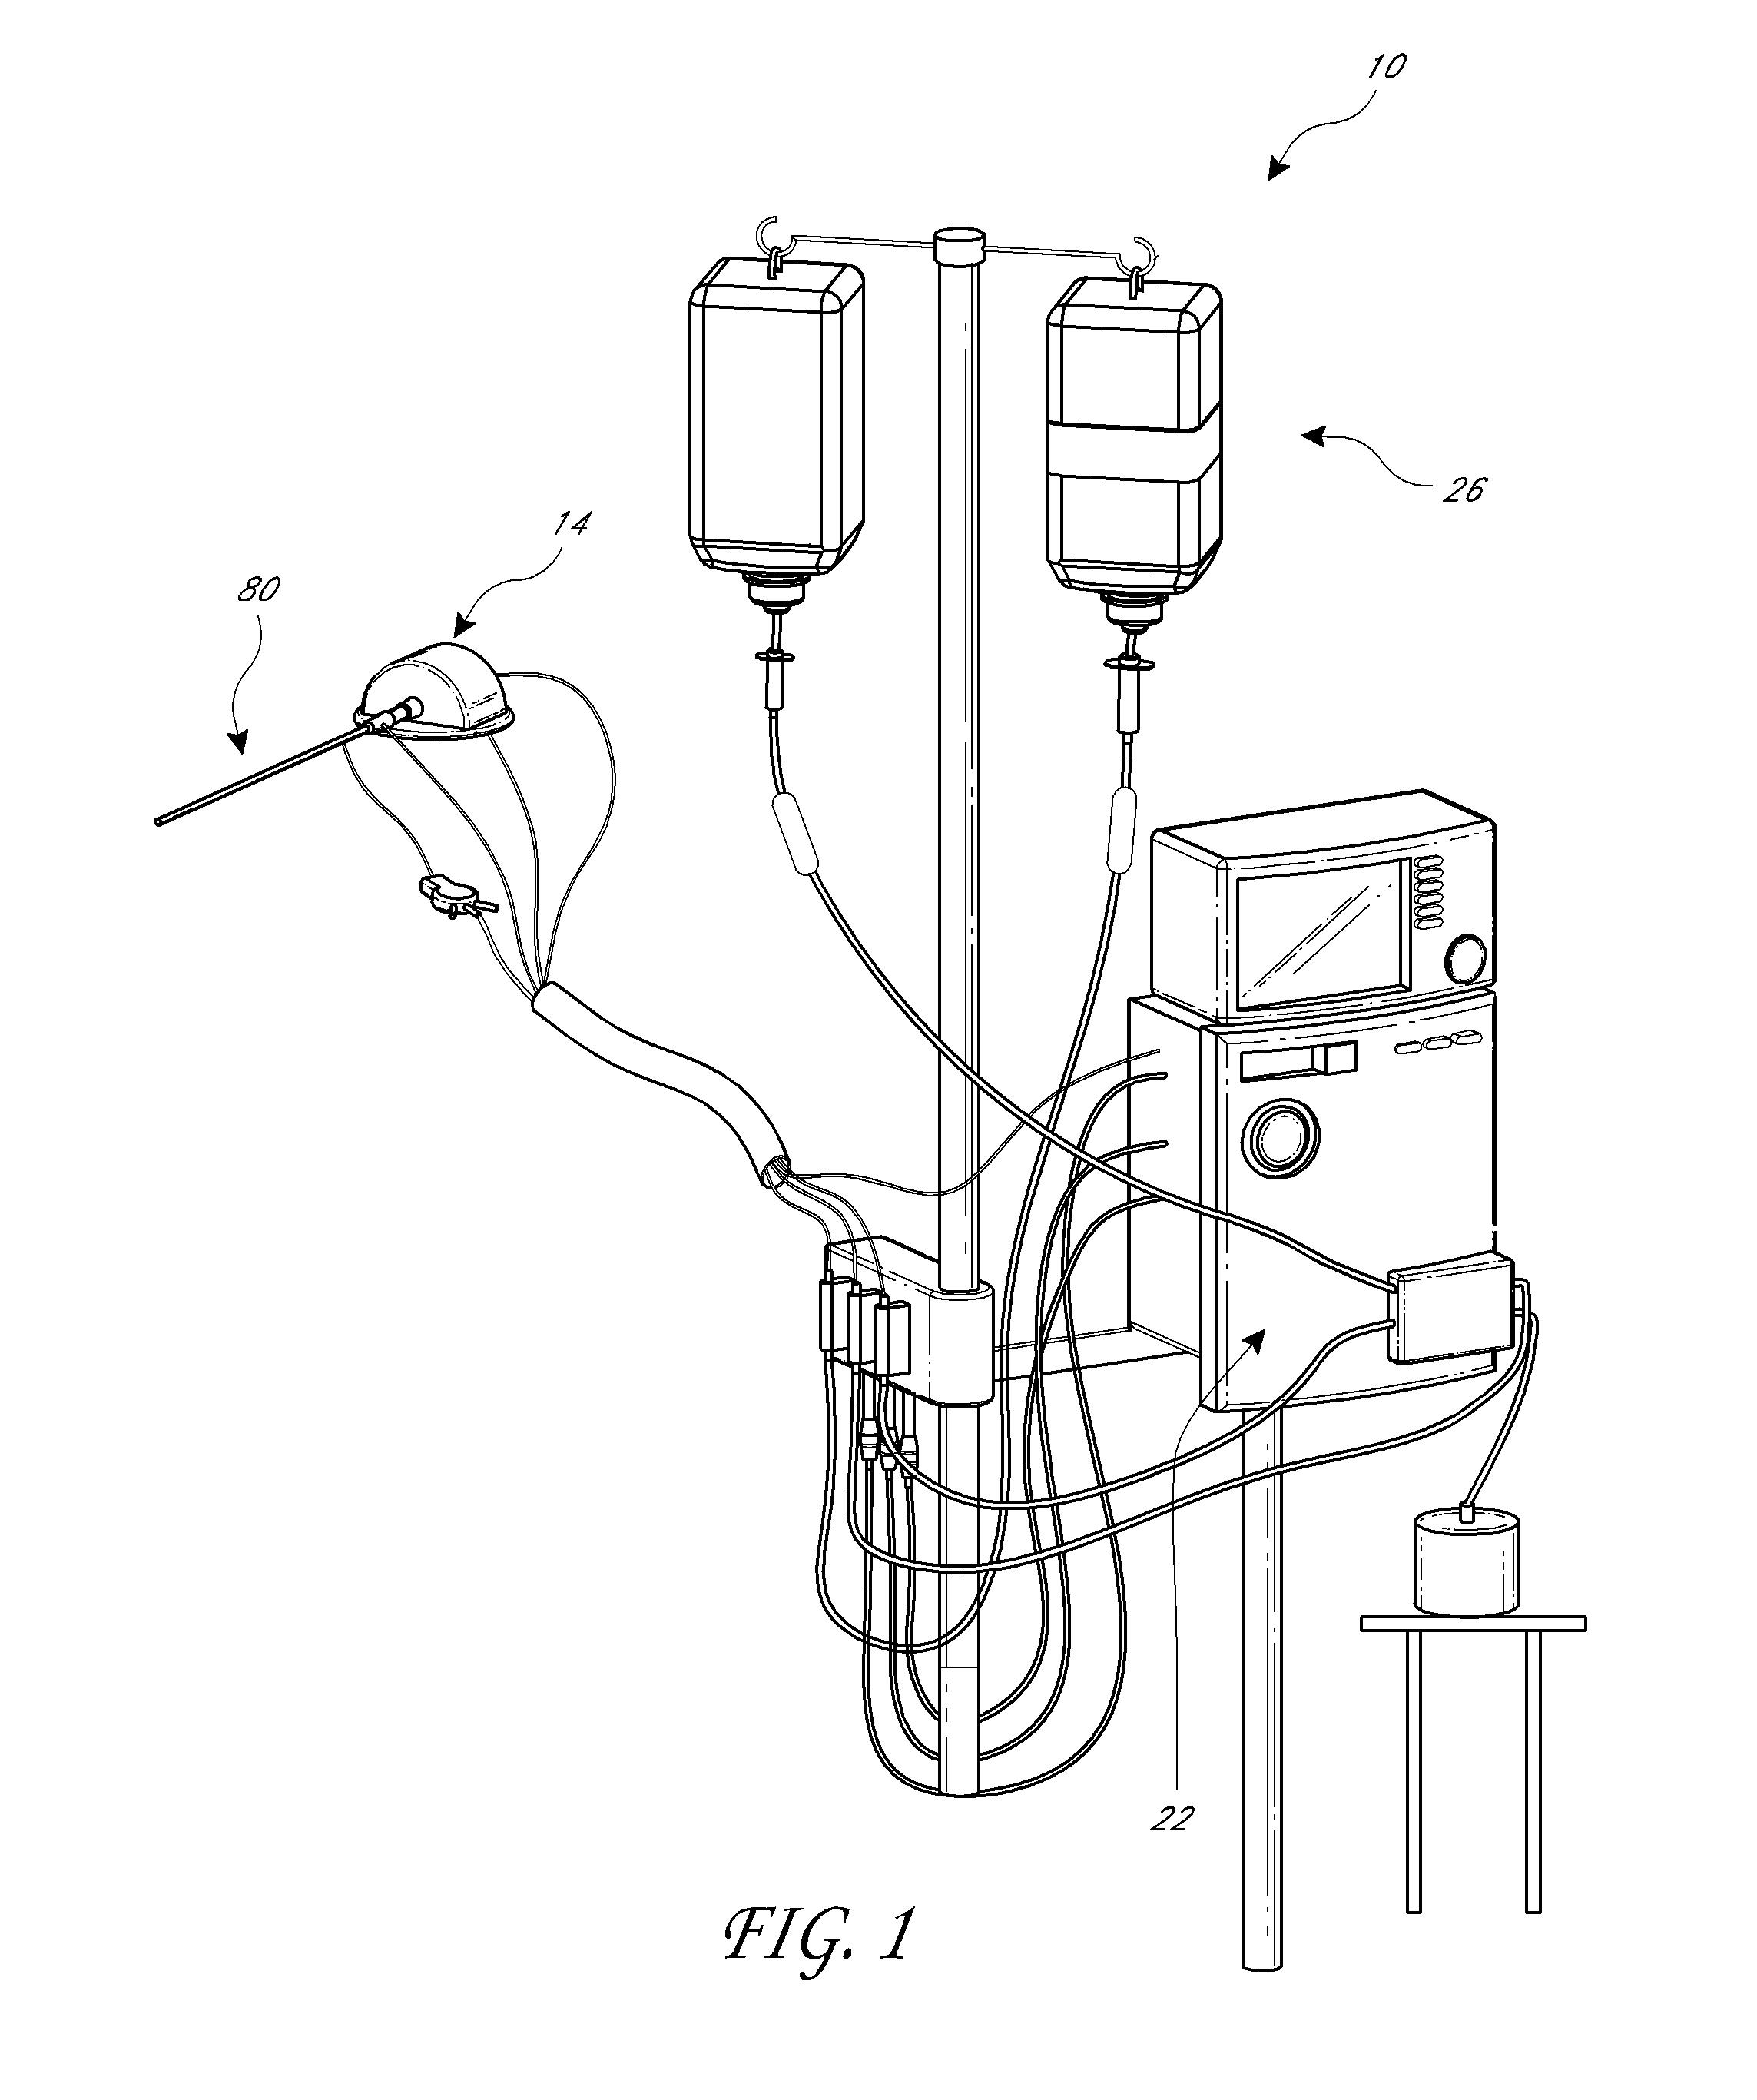 patent us 8 721 517 b2 Lucas Fuel Treatment patent images patent images